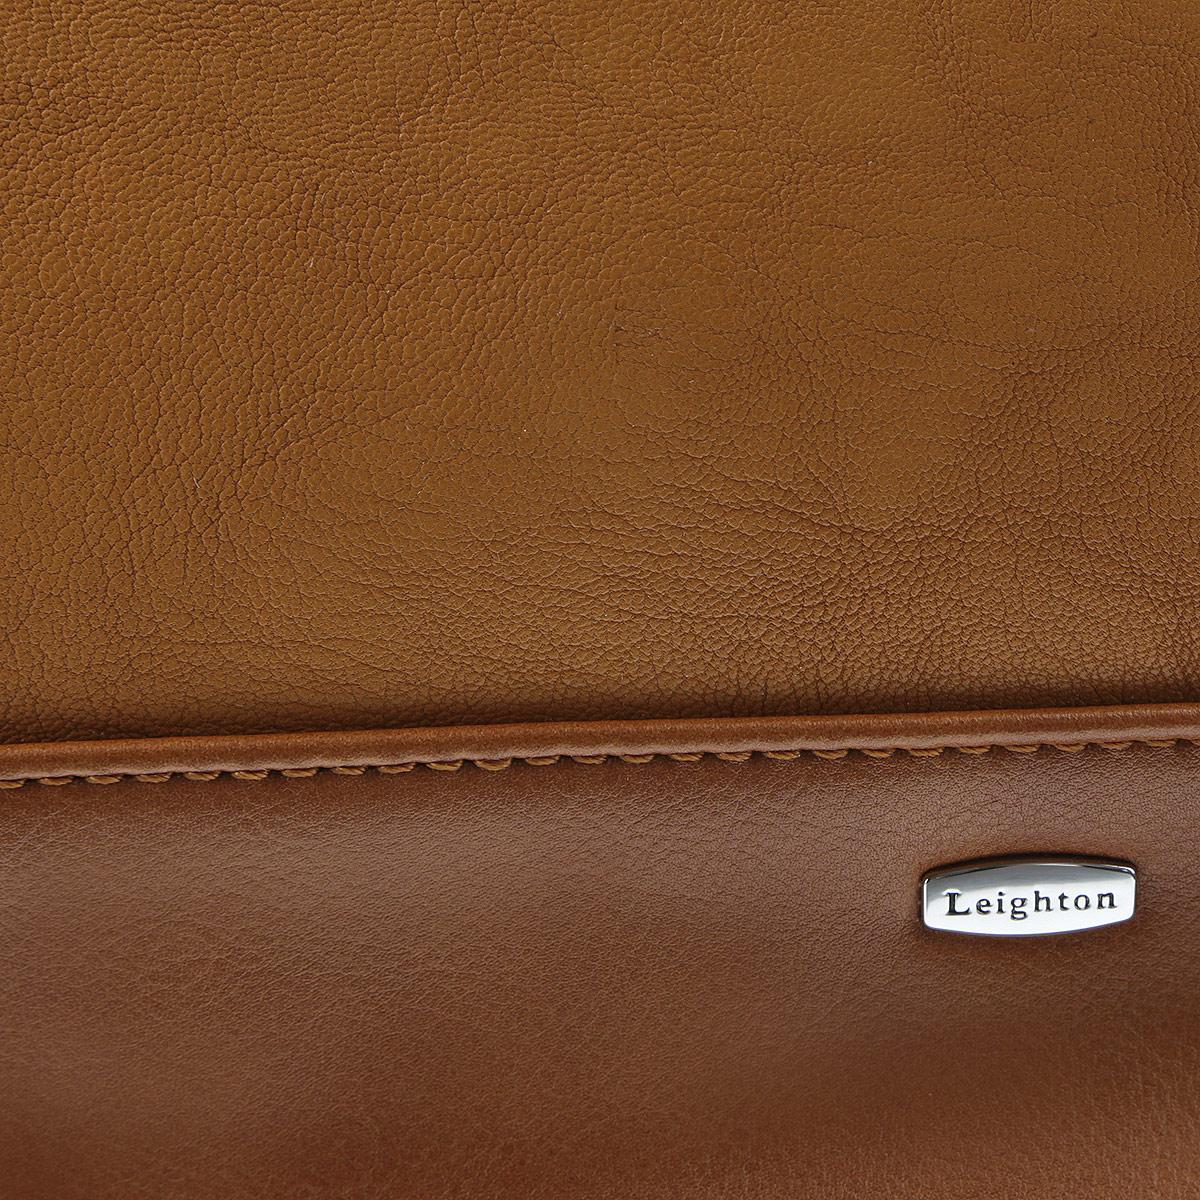 Сумка женская Leighton, цвет: коричневый. 62155/62055-1588/13/1598/10/1589/3 ( 62155/62055-1588/13/1598/10/1589/3 )